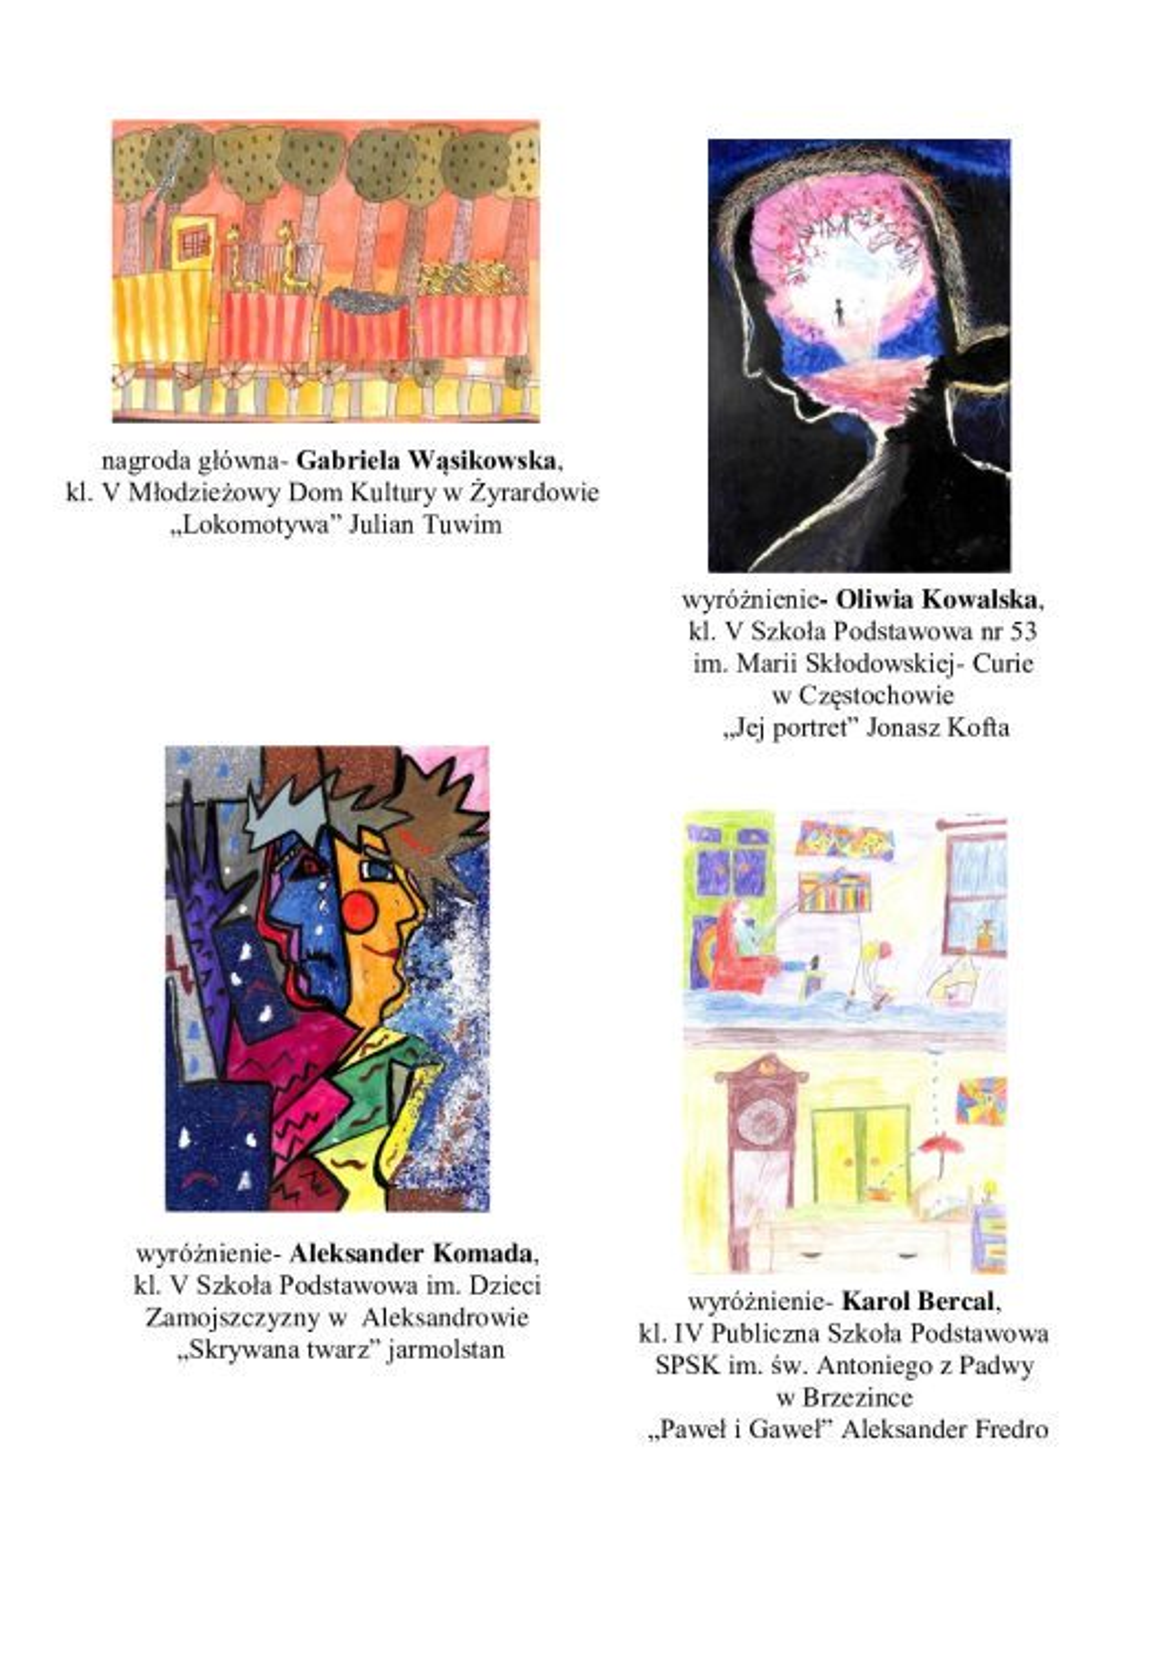 http://szkola.ealeksandrow.pl/files/pl/konkurs2.jpg.pjp?noc=1622445875